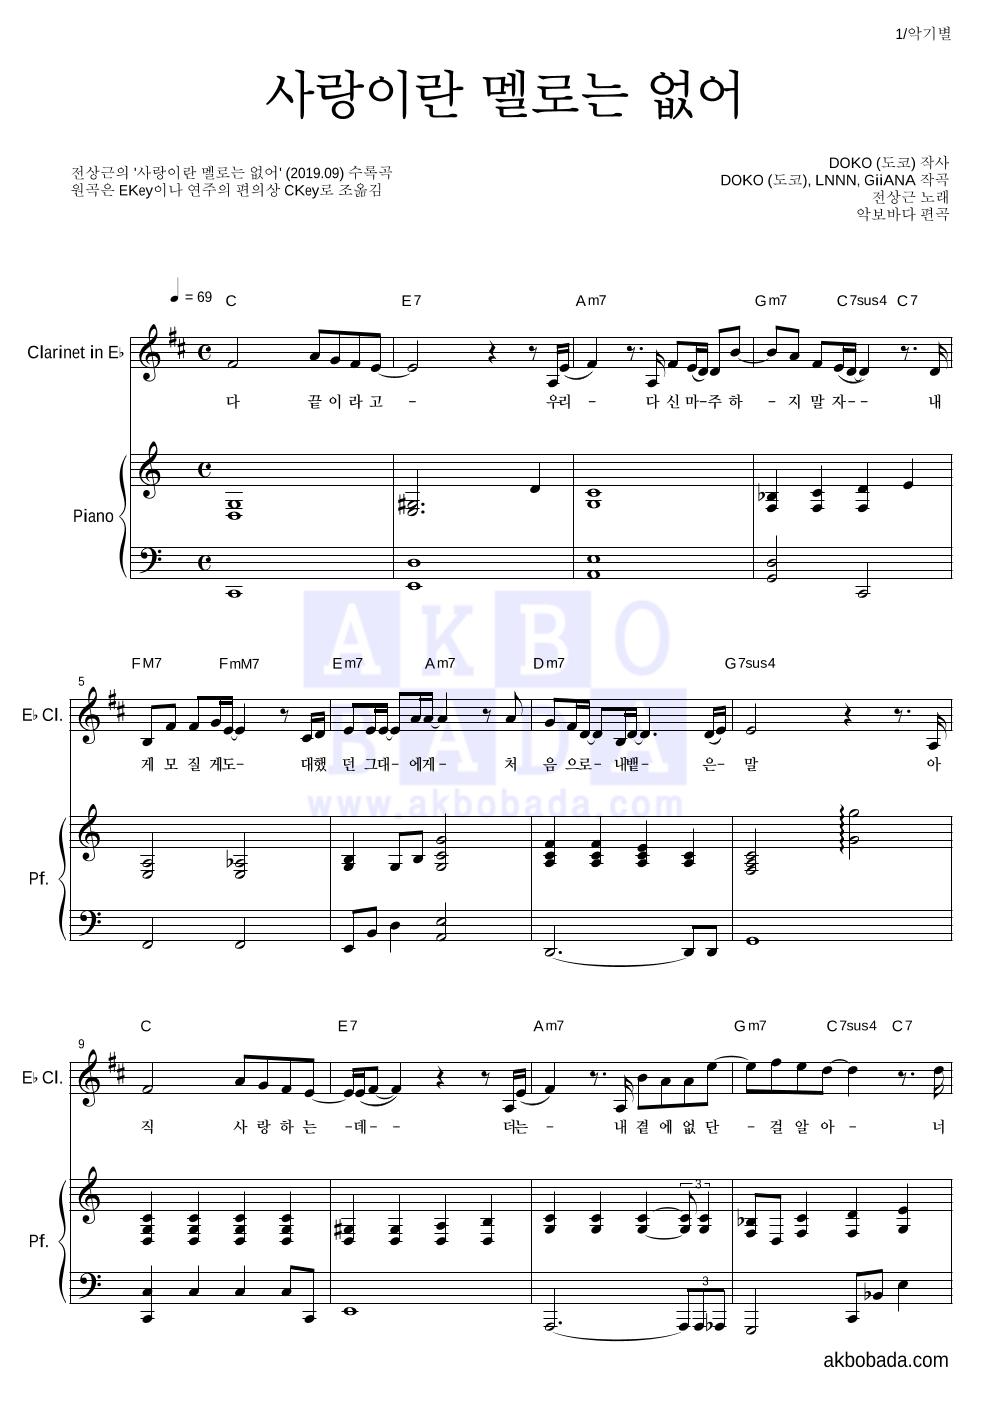 전상근 - 사랑이란 멜로는 없어 클라리넷&피아노 악보